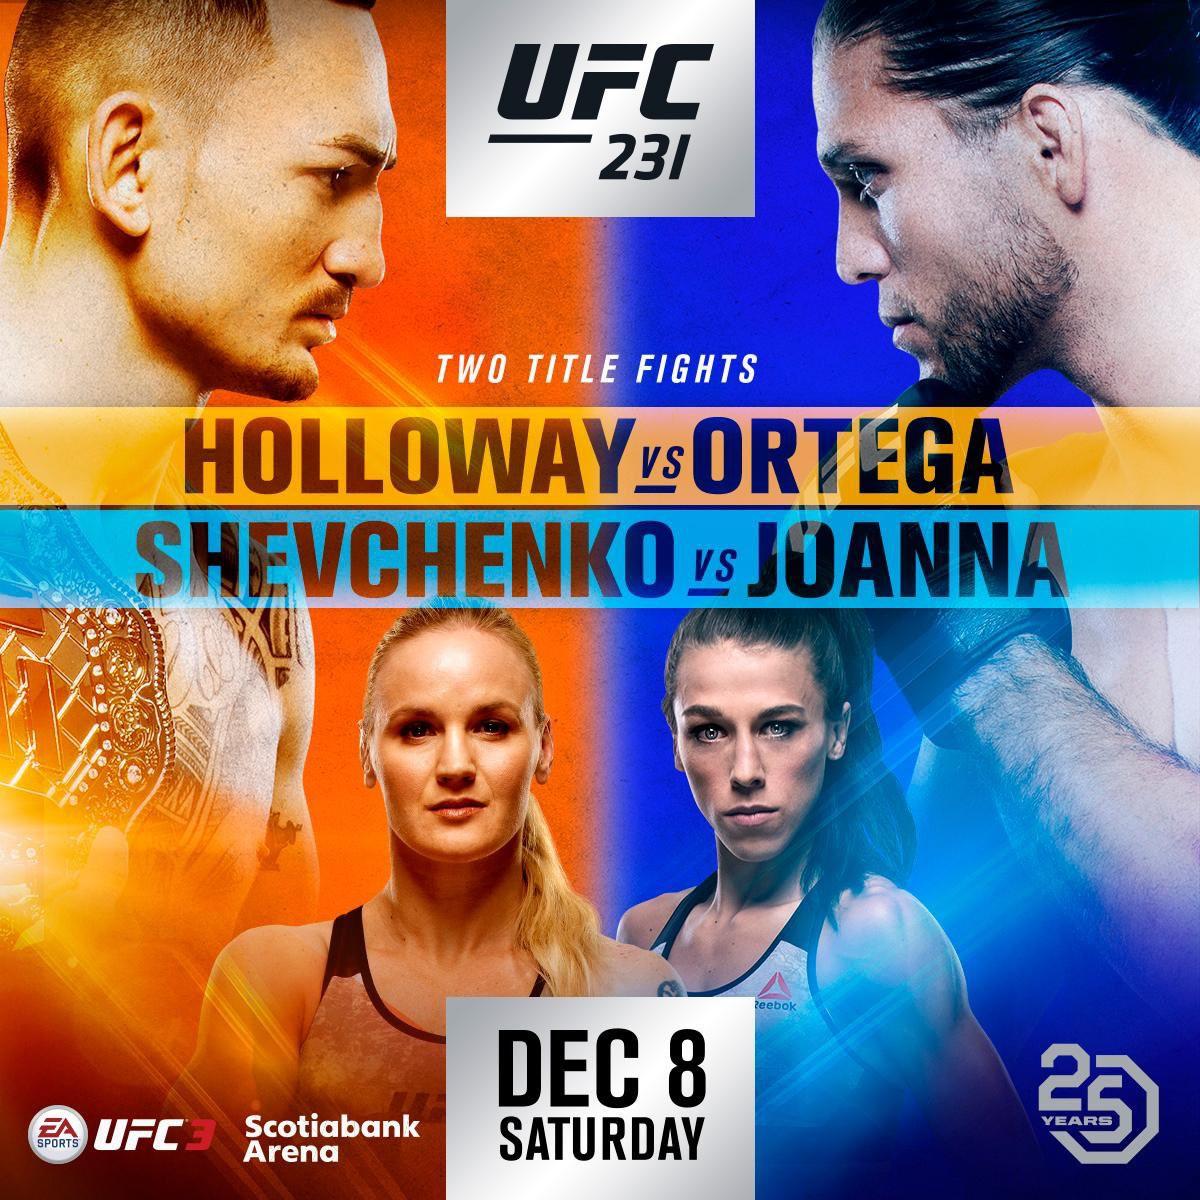 Những sự kiện MMA mà khán giả không thể bỏ qua trong tháng 12 - Ảnh 3.